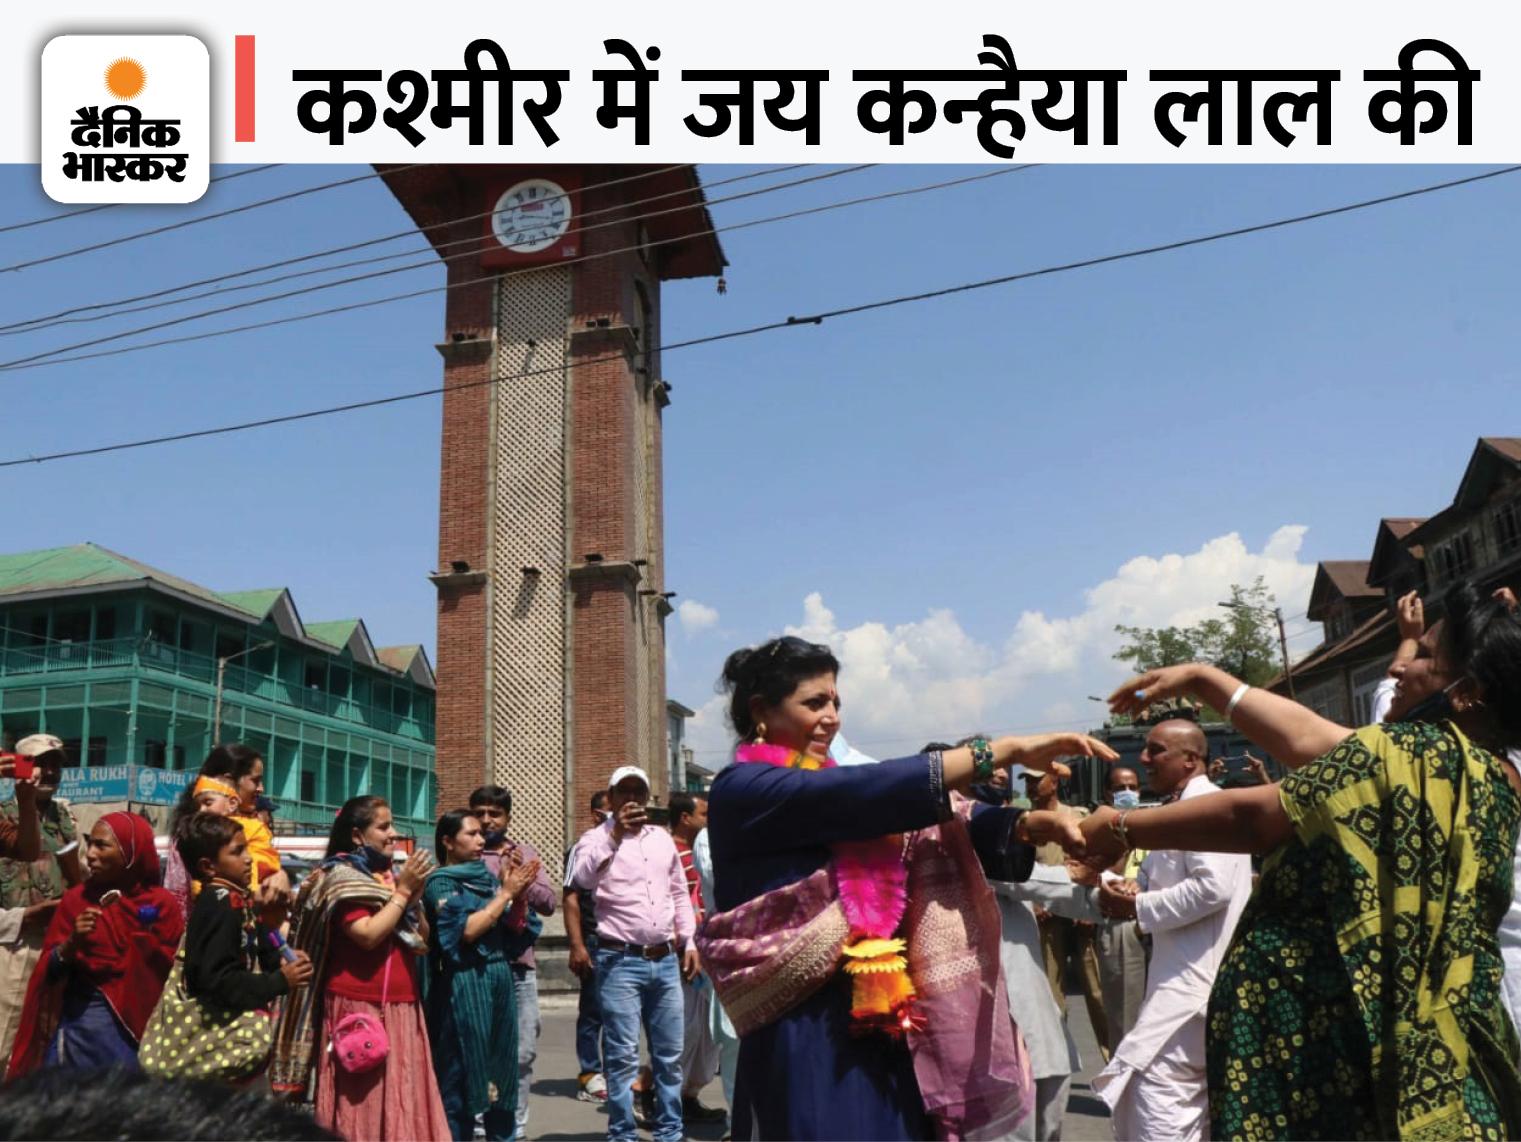 श्रीनगर के लाल चौक में मनाई गई श्रीकृष्ण जन्माष्टमी; हंदवाड़ा में 1989 के बाद कश्मीरी पंडितों ने पहली बार निकाली प्रभात फेरी देश,National - Dainik Bhaskar